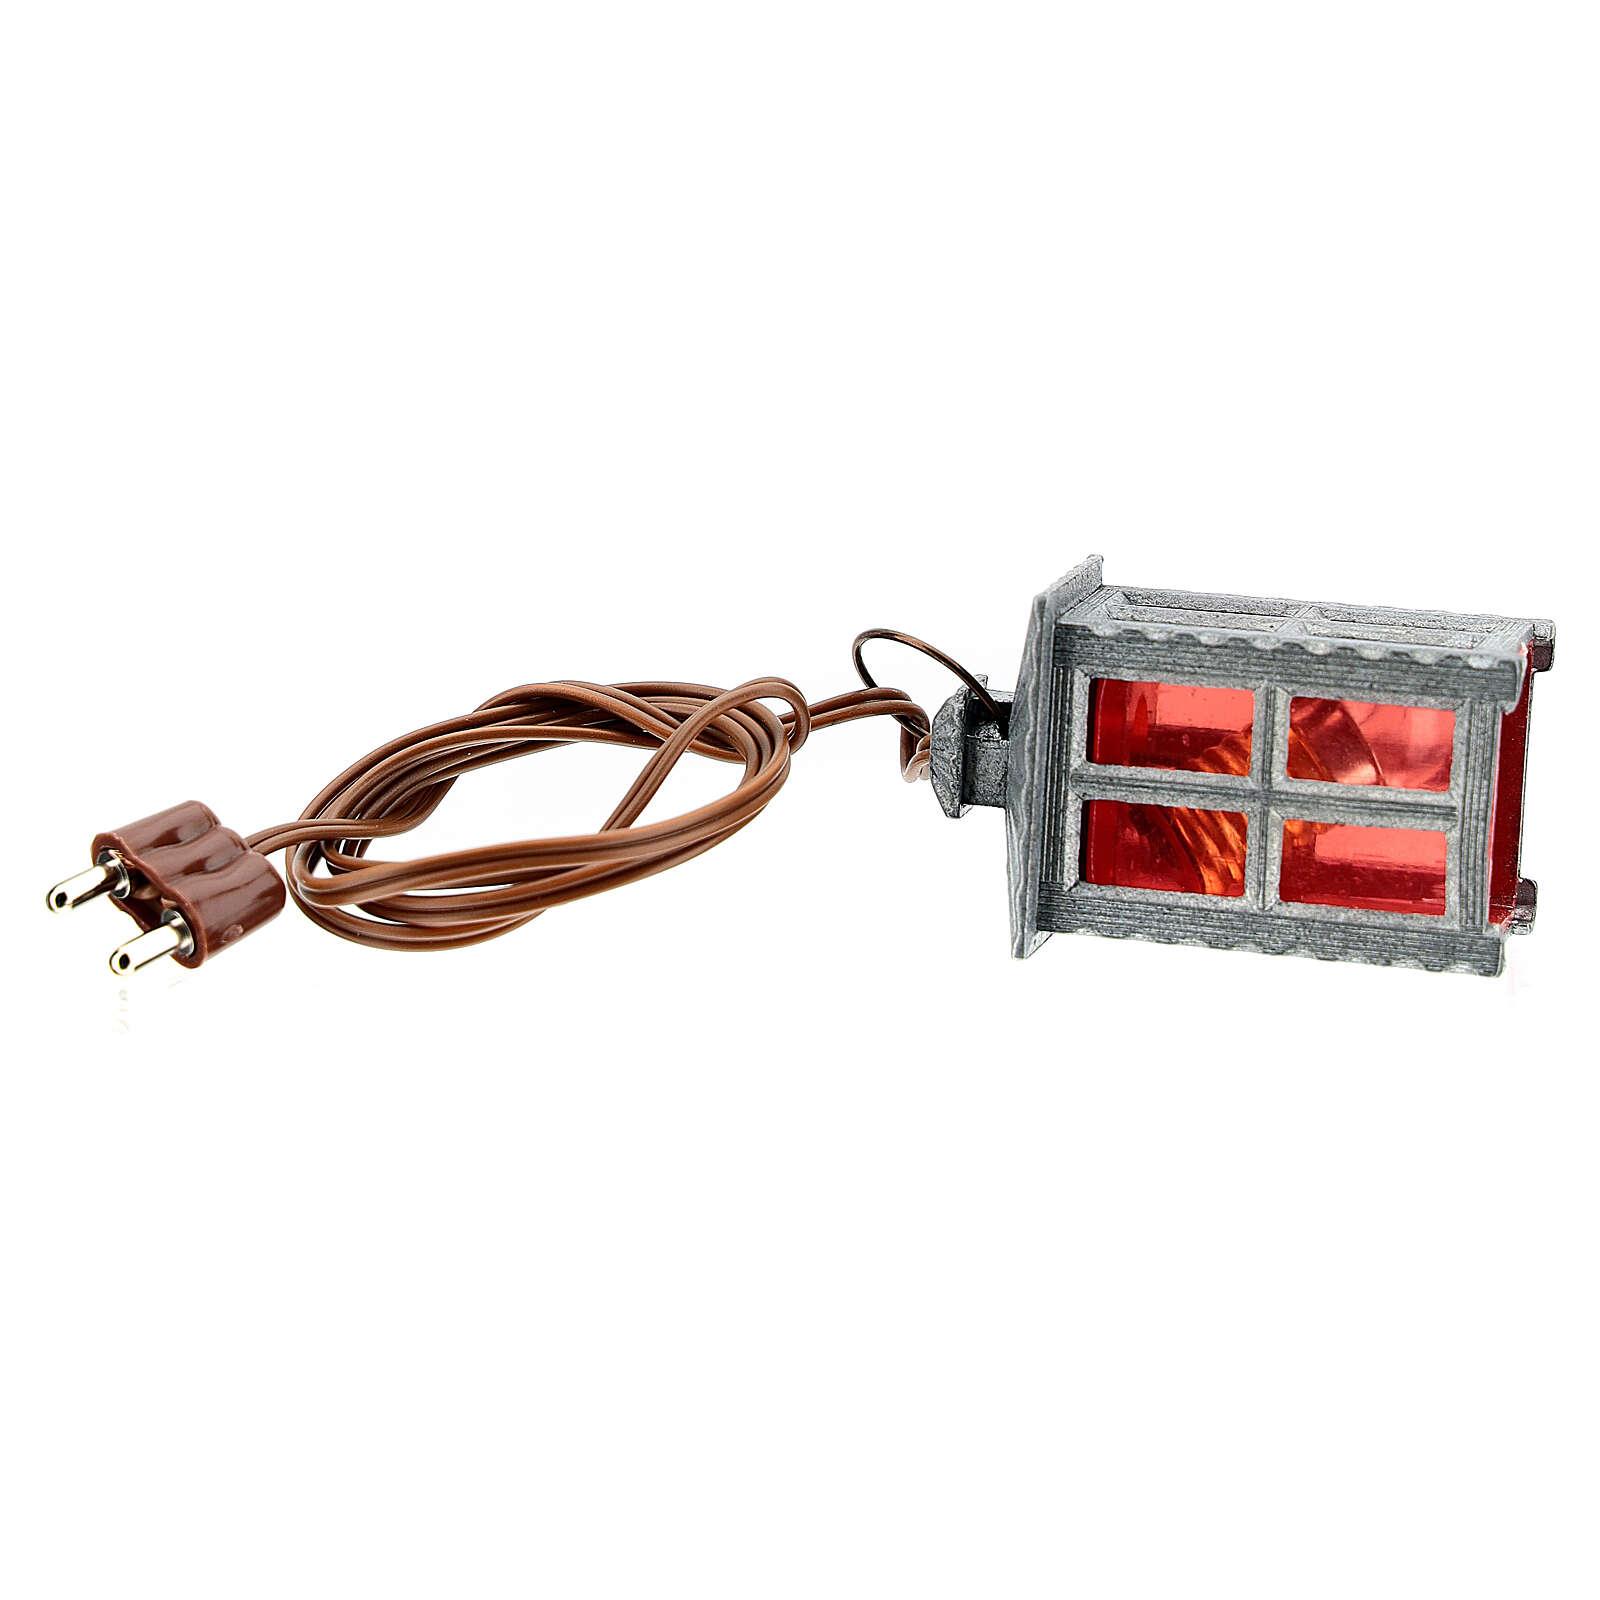 Lampione metallo luce rossa h 4 cm 4